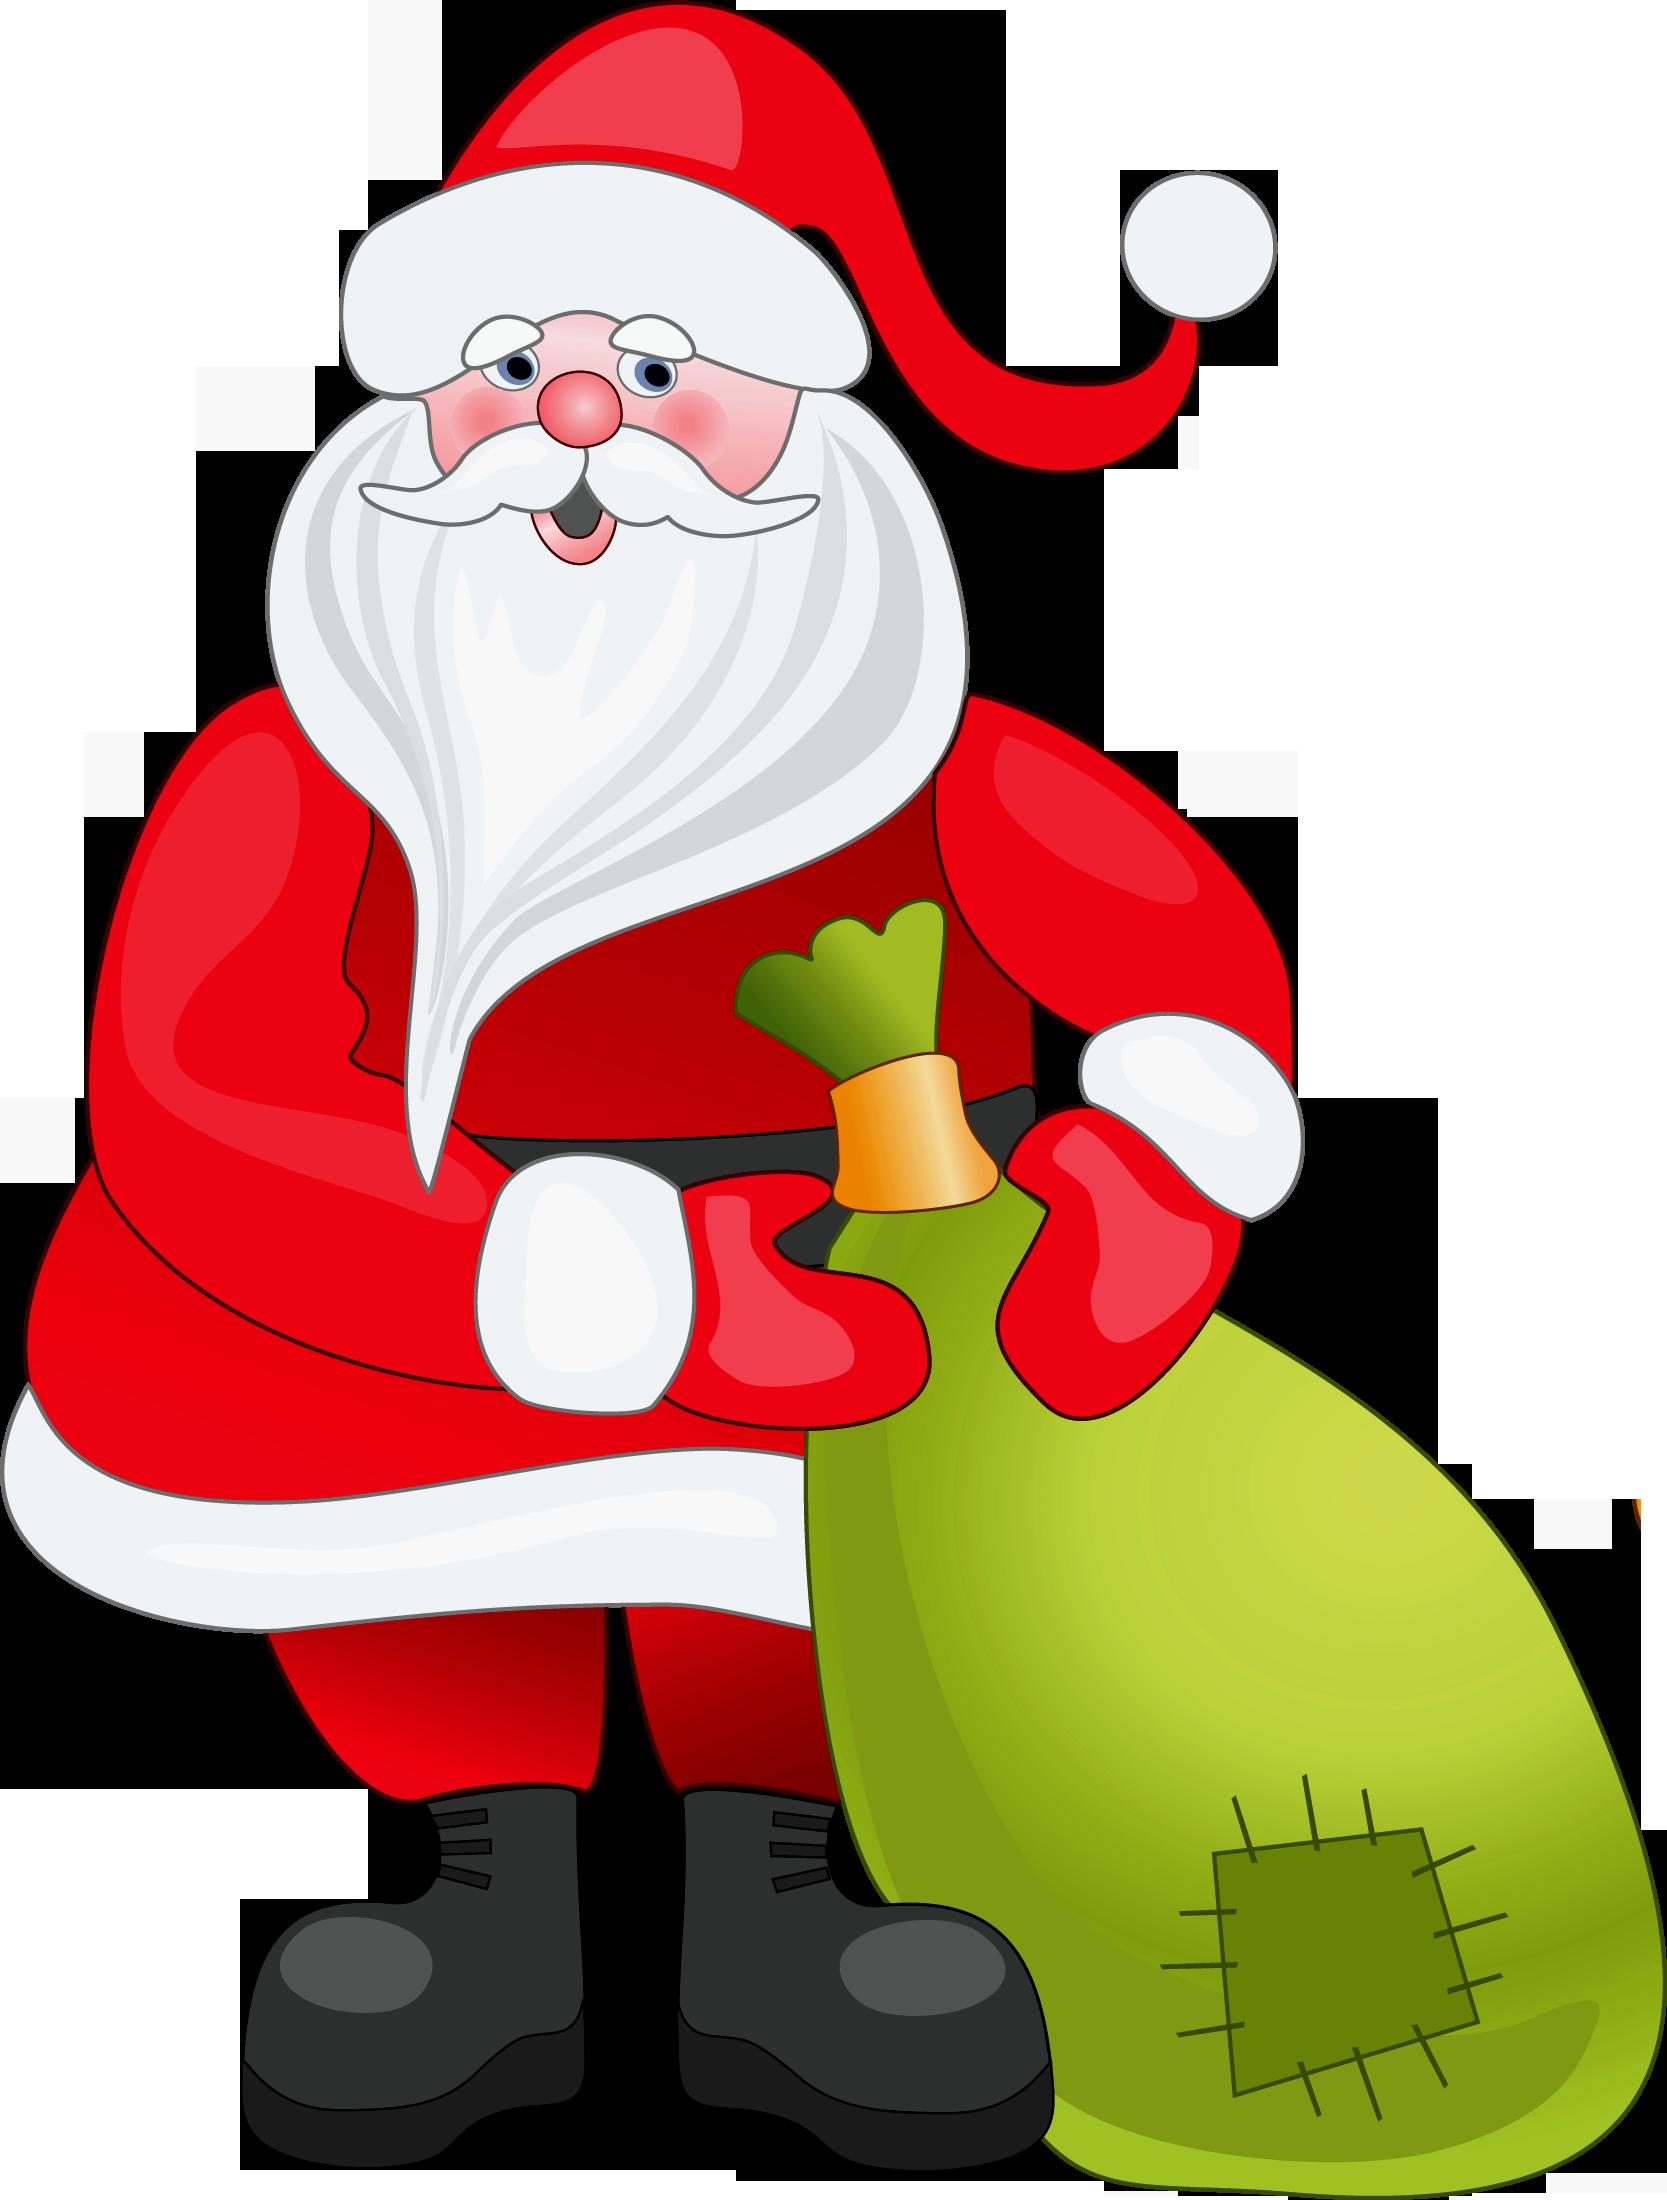 Santa claus images clipart.